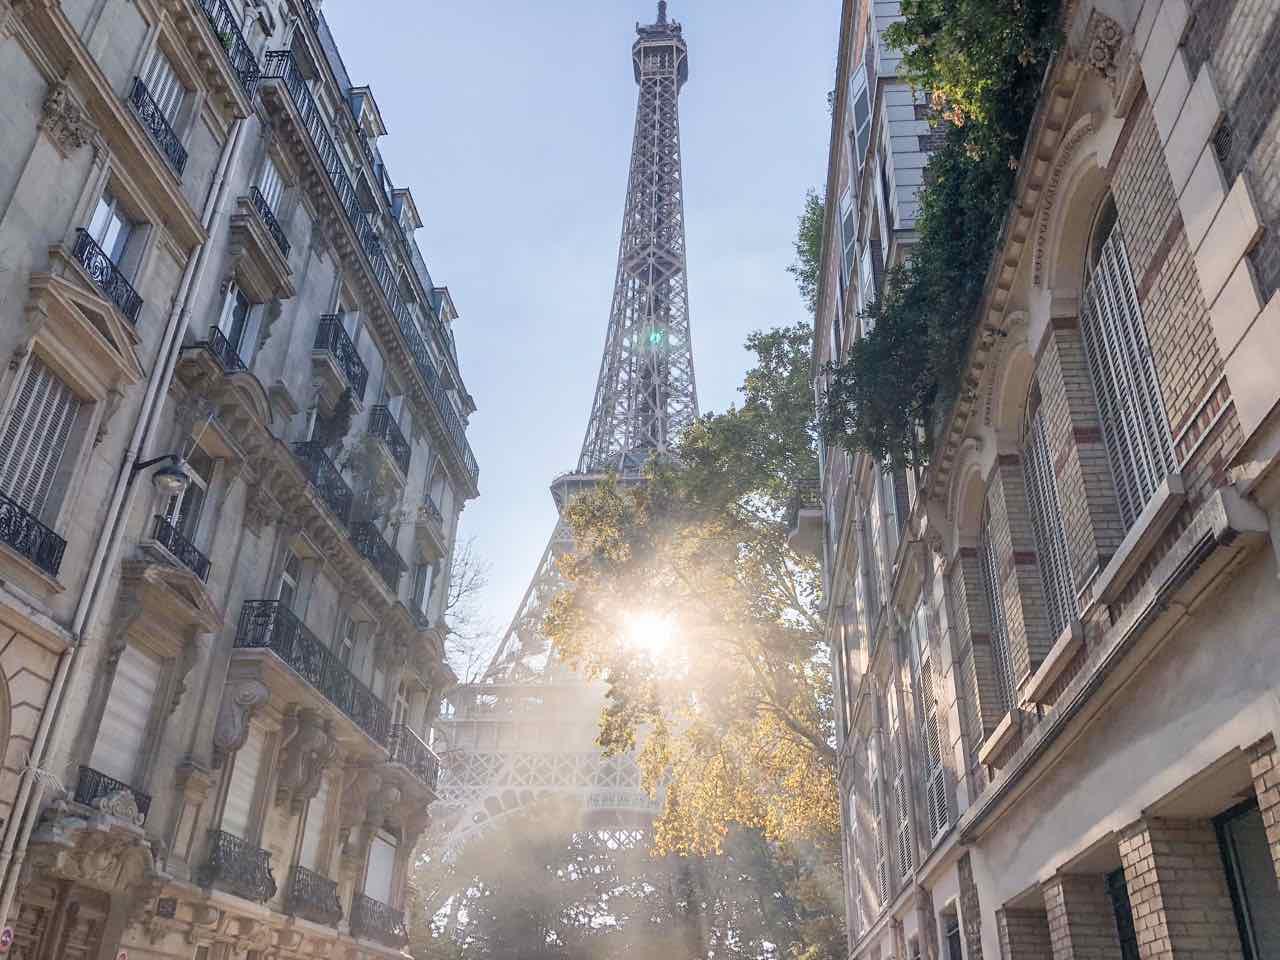 Eiffel Tower View Rue de l'Universite